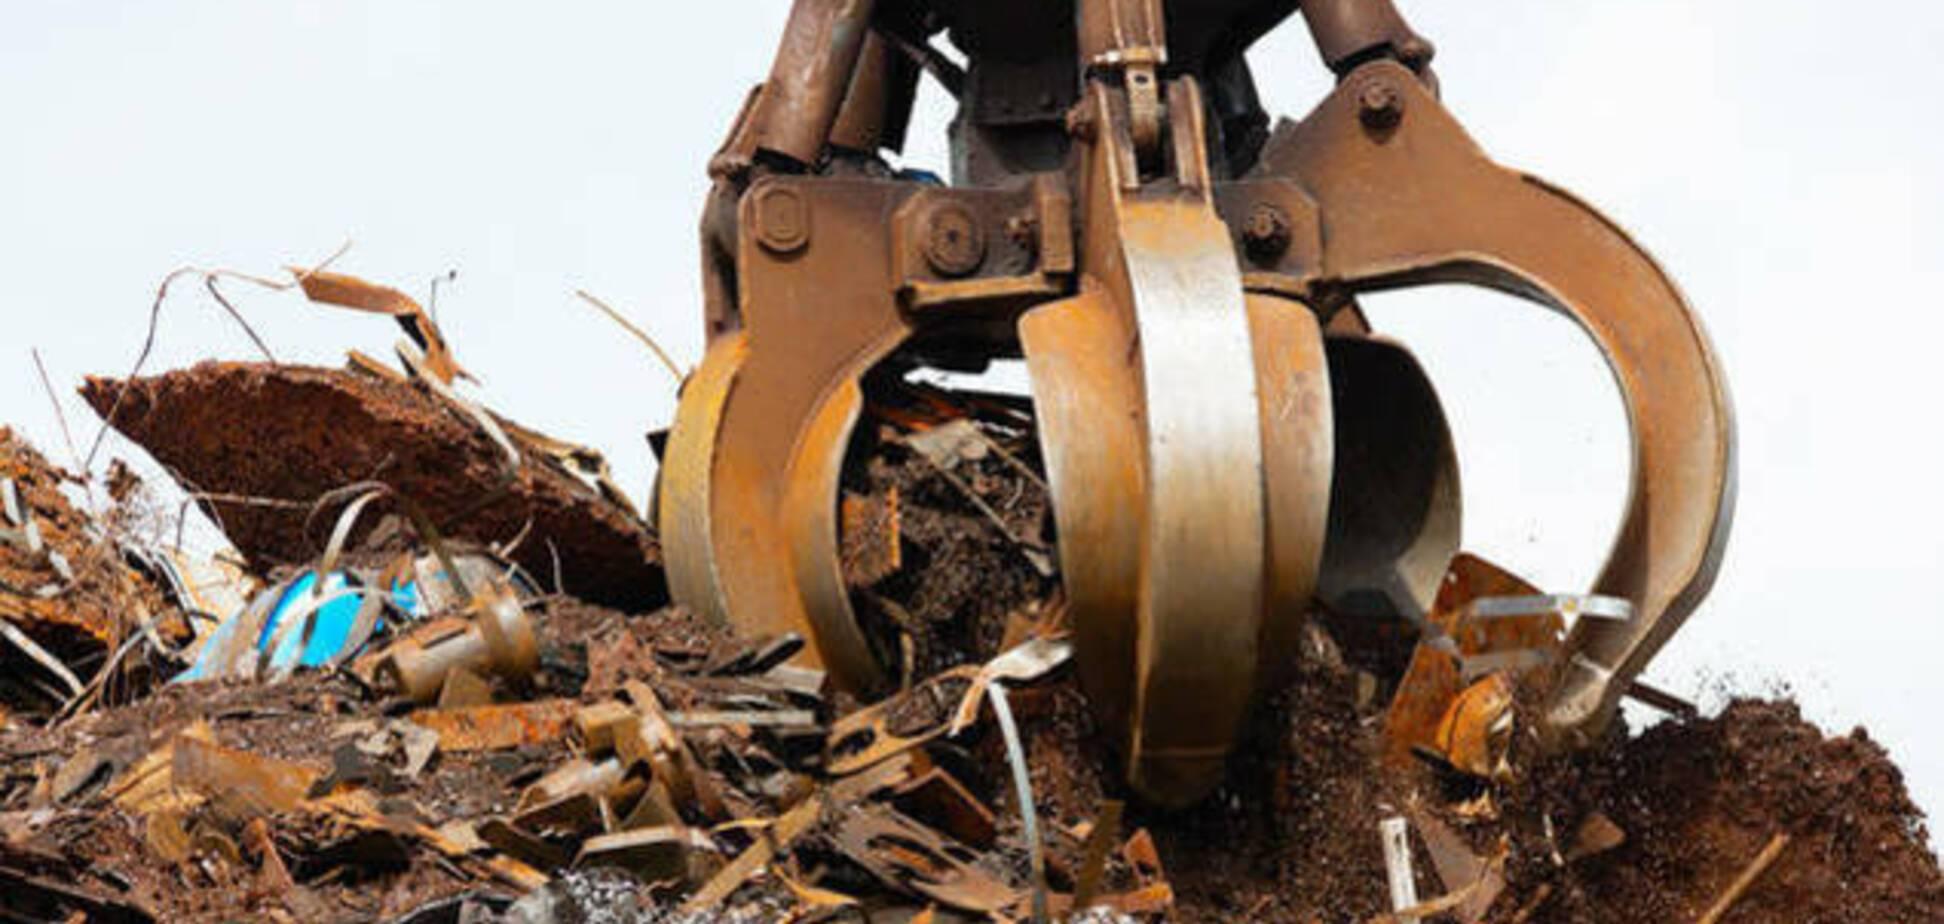 Экспорт лома необходимо запретить, чтобы выполнить обязательства по декарбонизации, – Цимбалюк